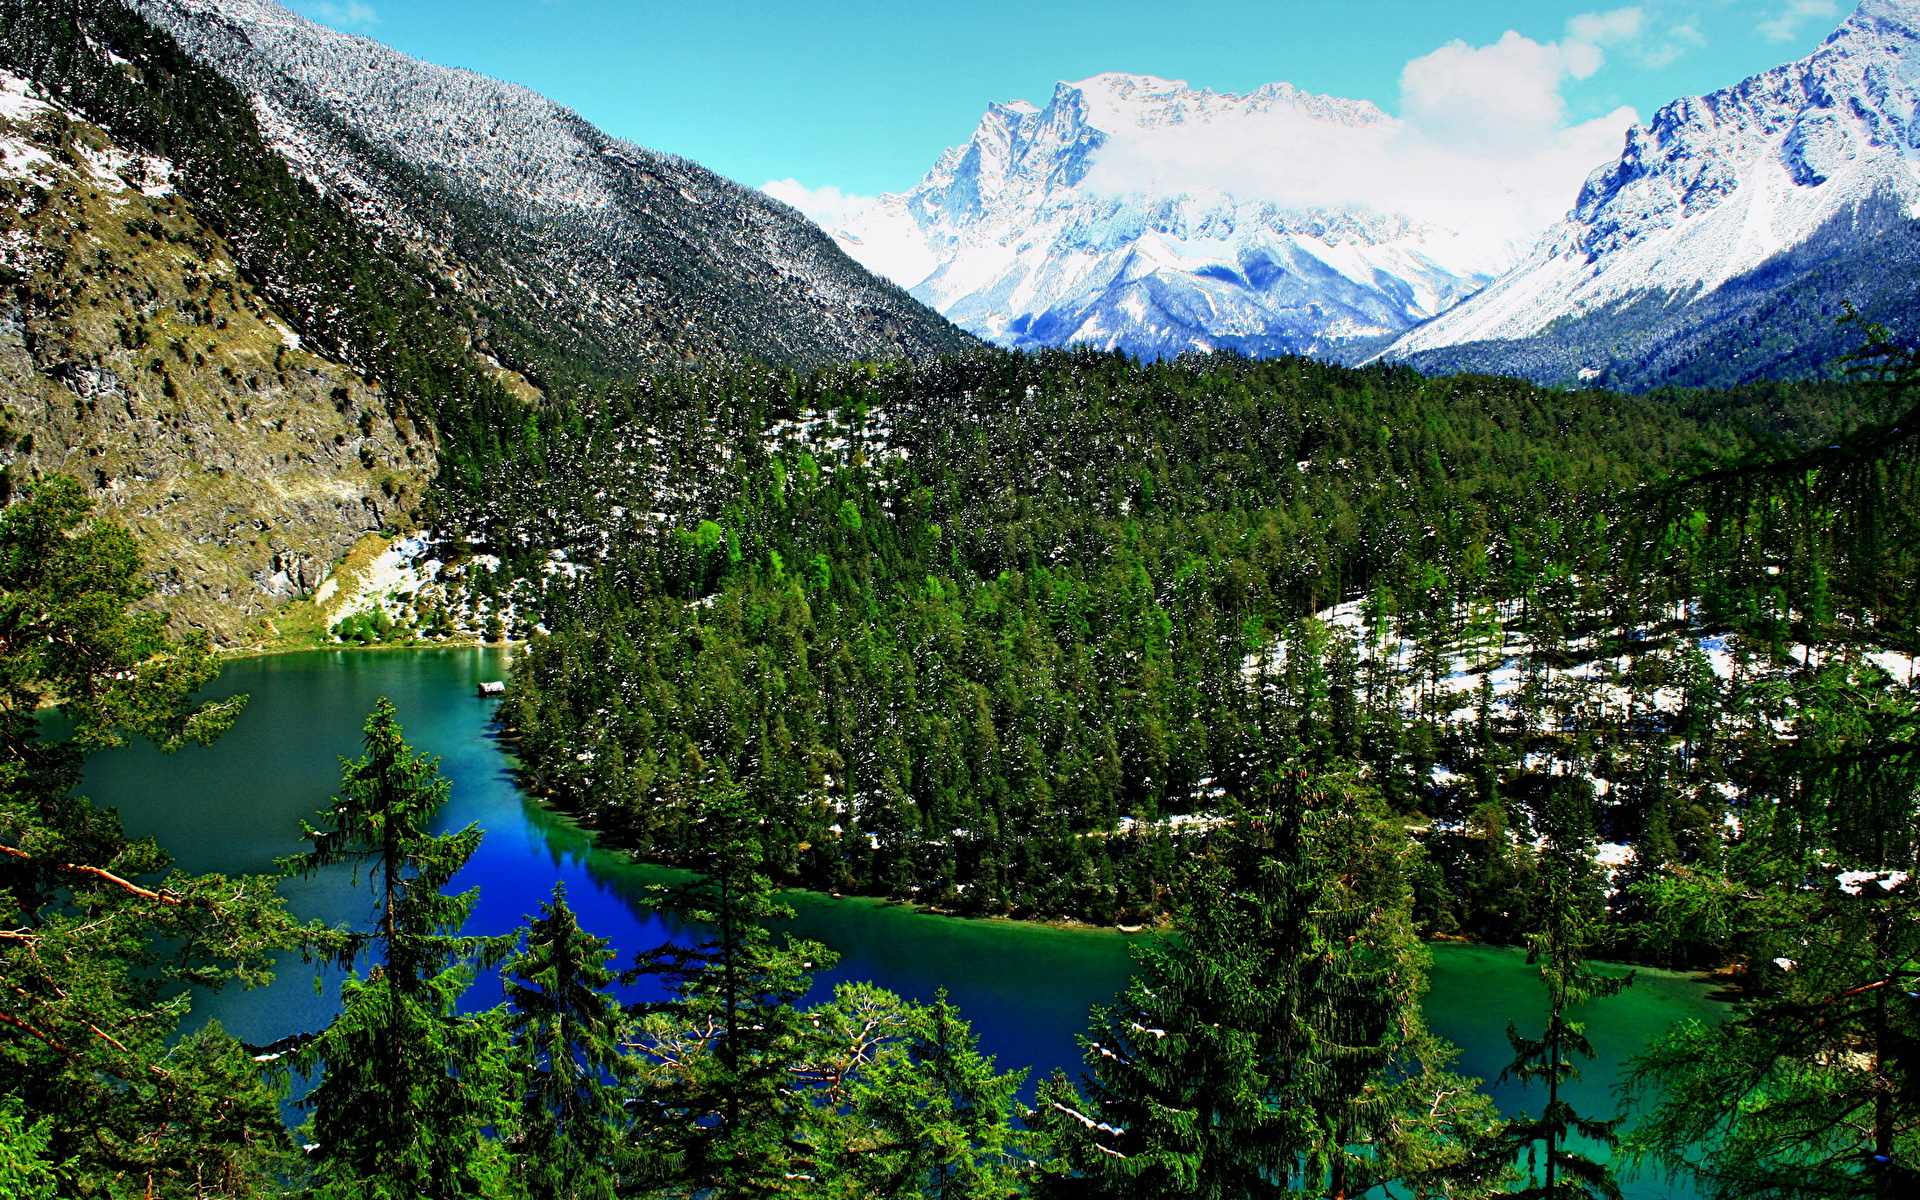 австрия горы обои на рабочий стол № 546402 бесплатно